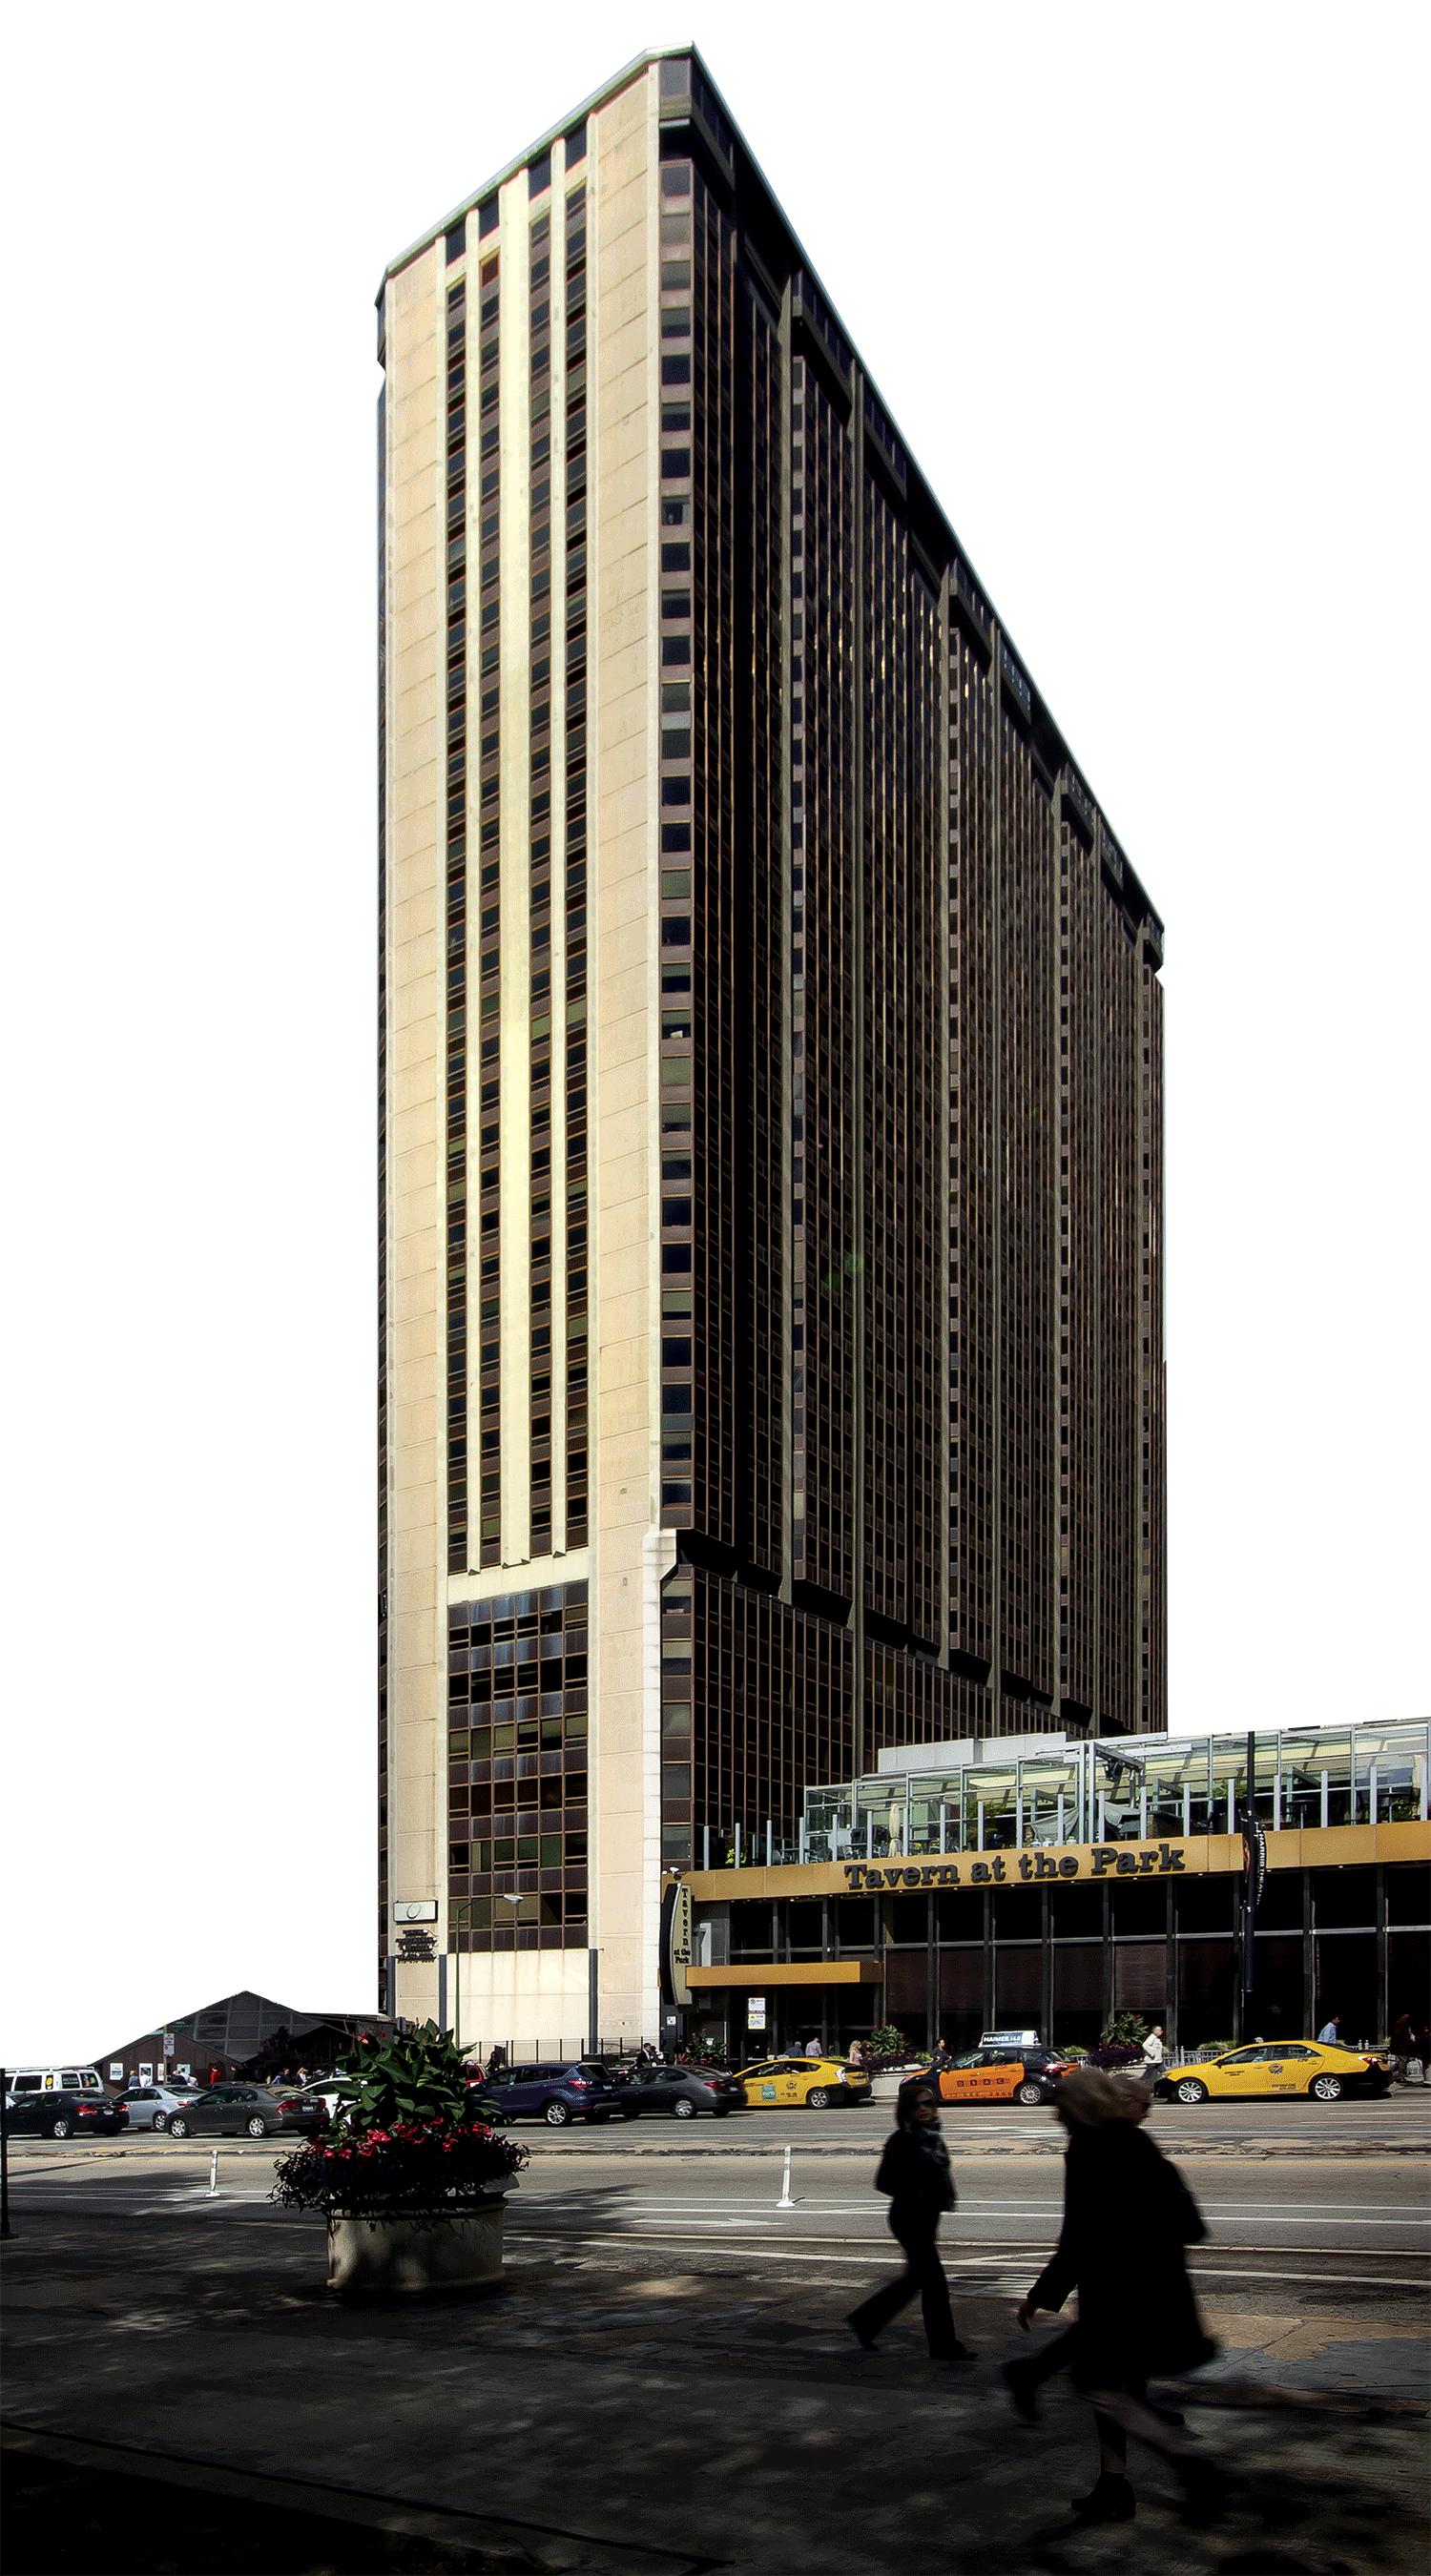 Doral Plaza